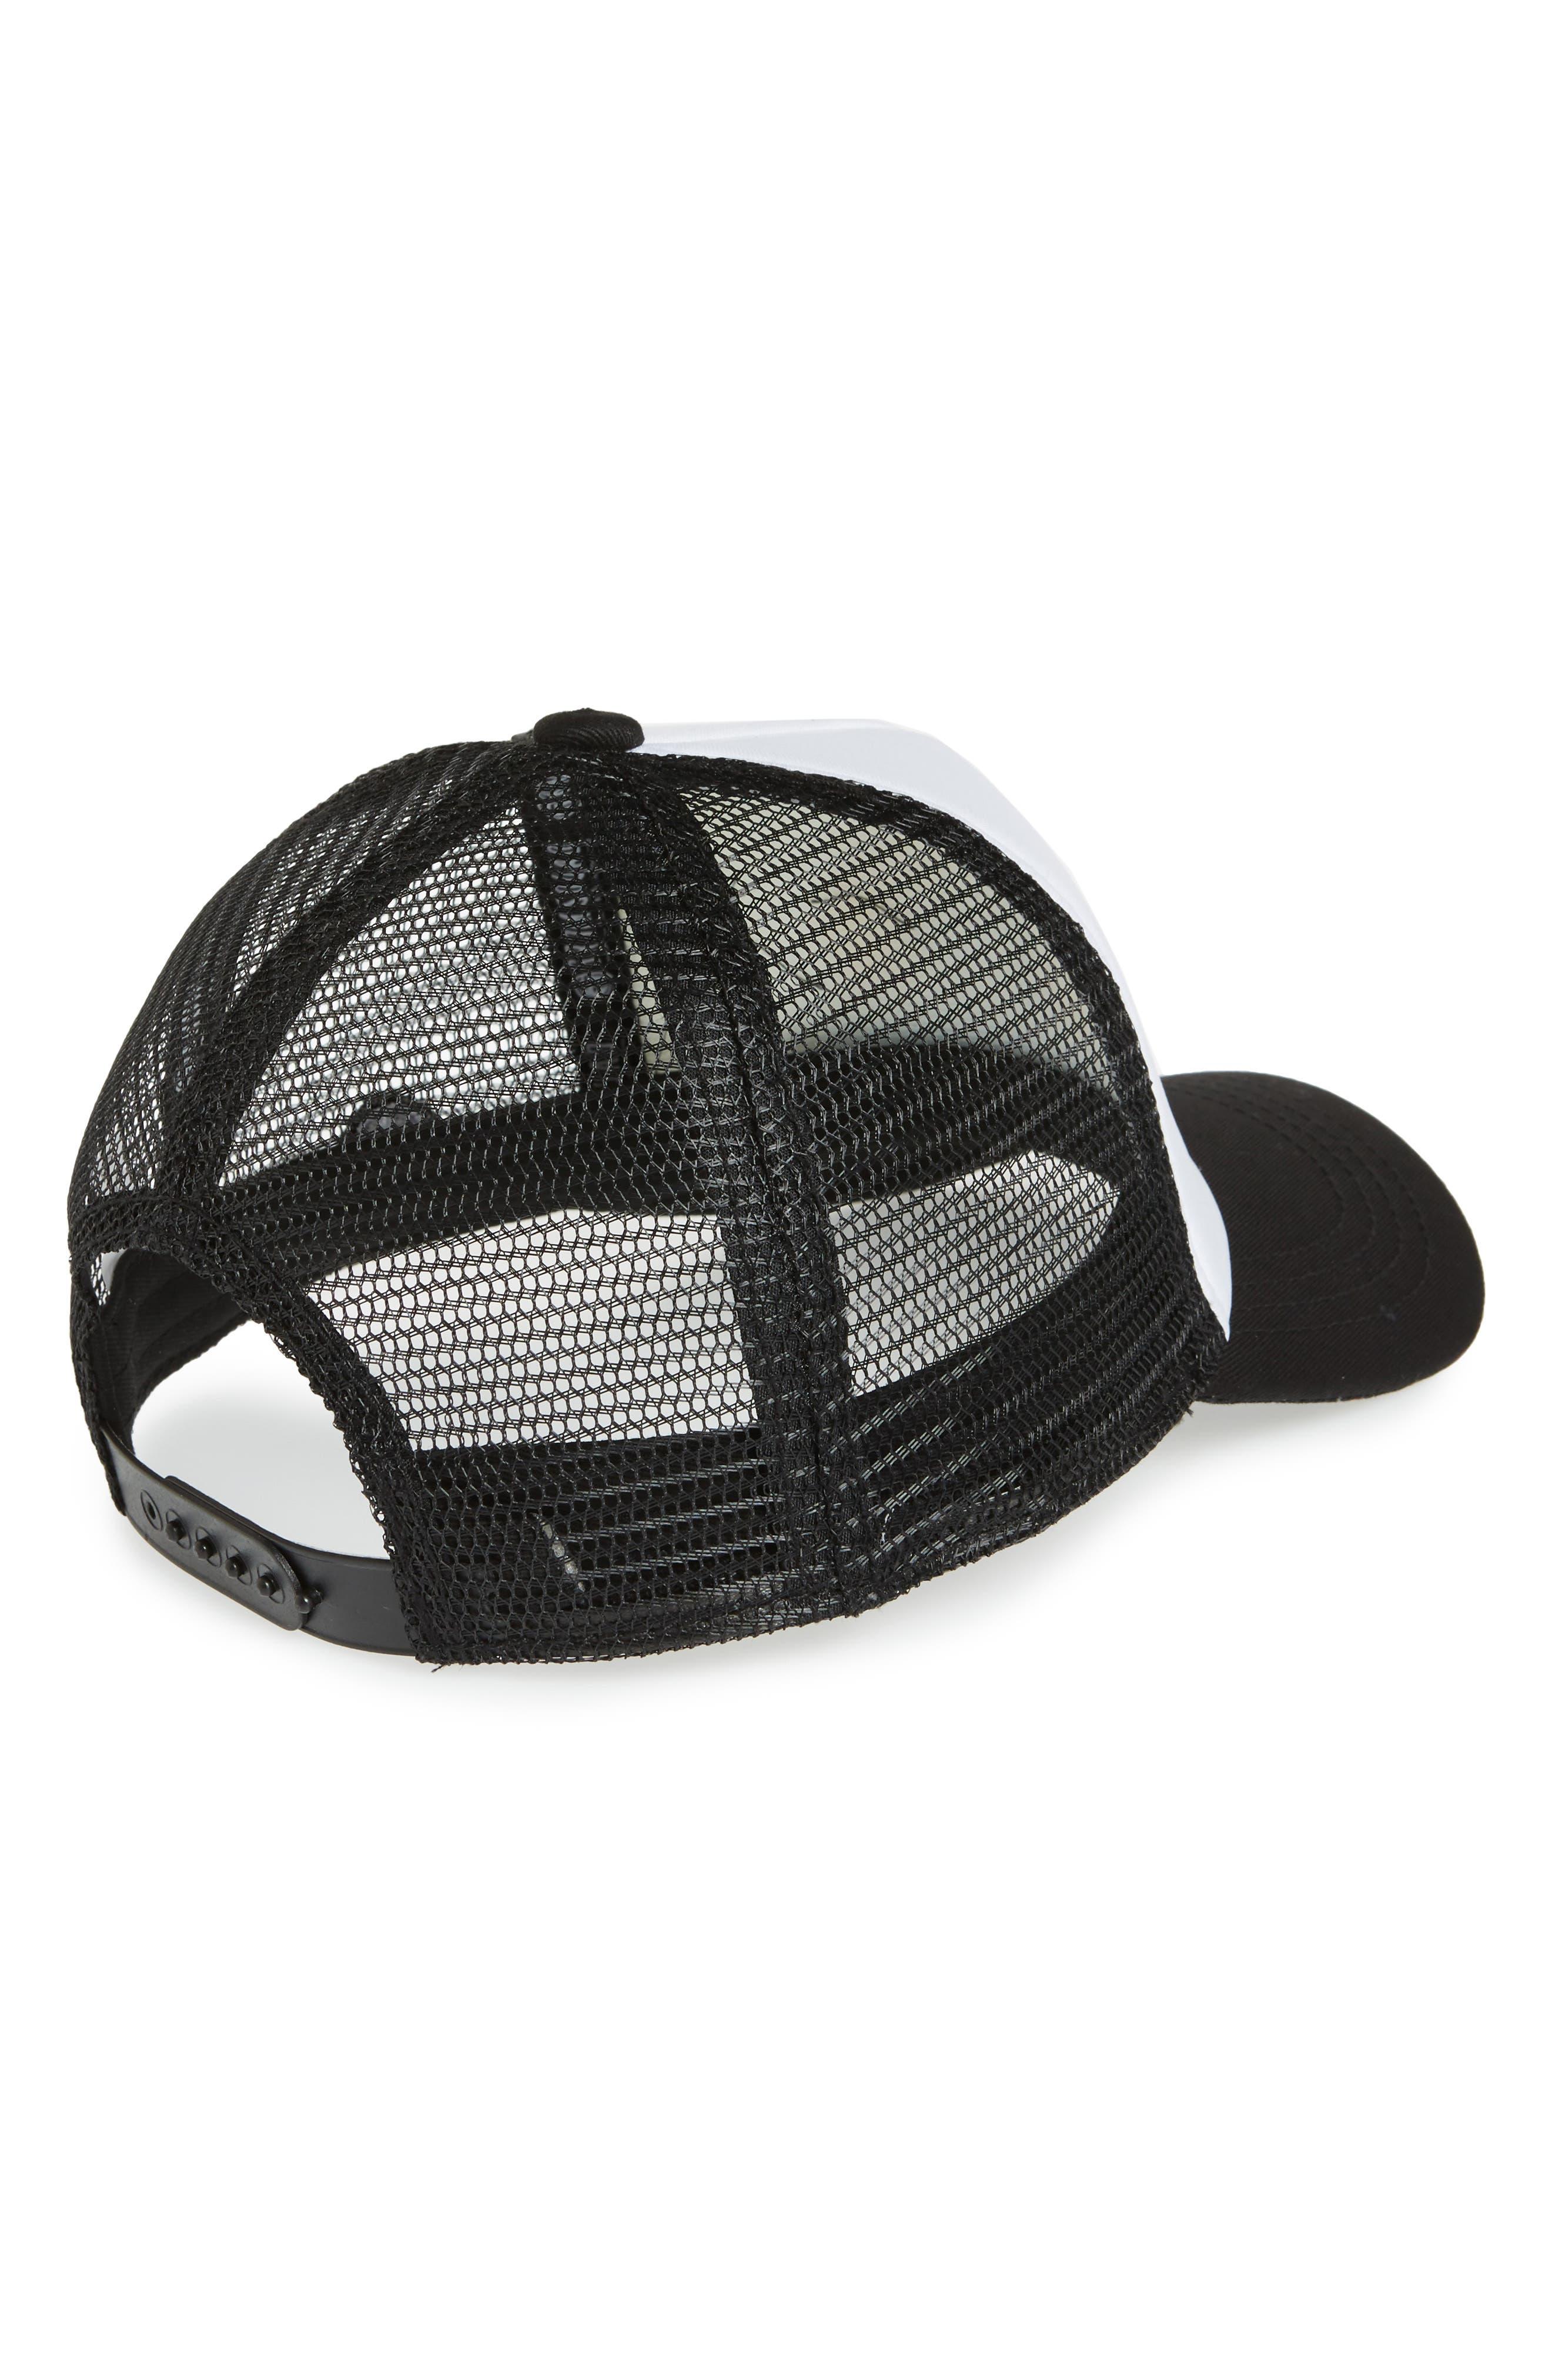 Cali Bear Trucker Hat,                             Alternate thumbnail 2, color,                             Black/ White